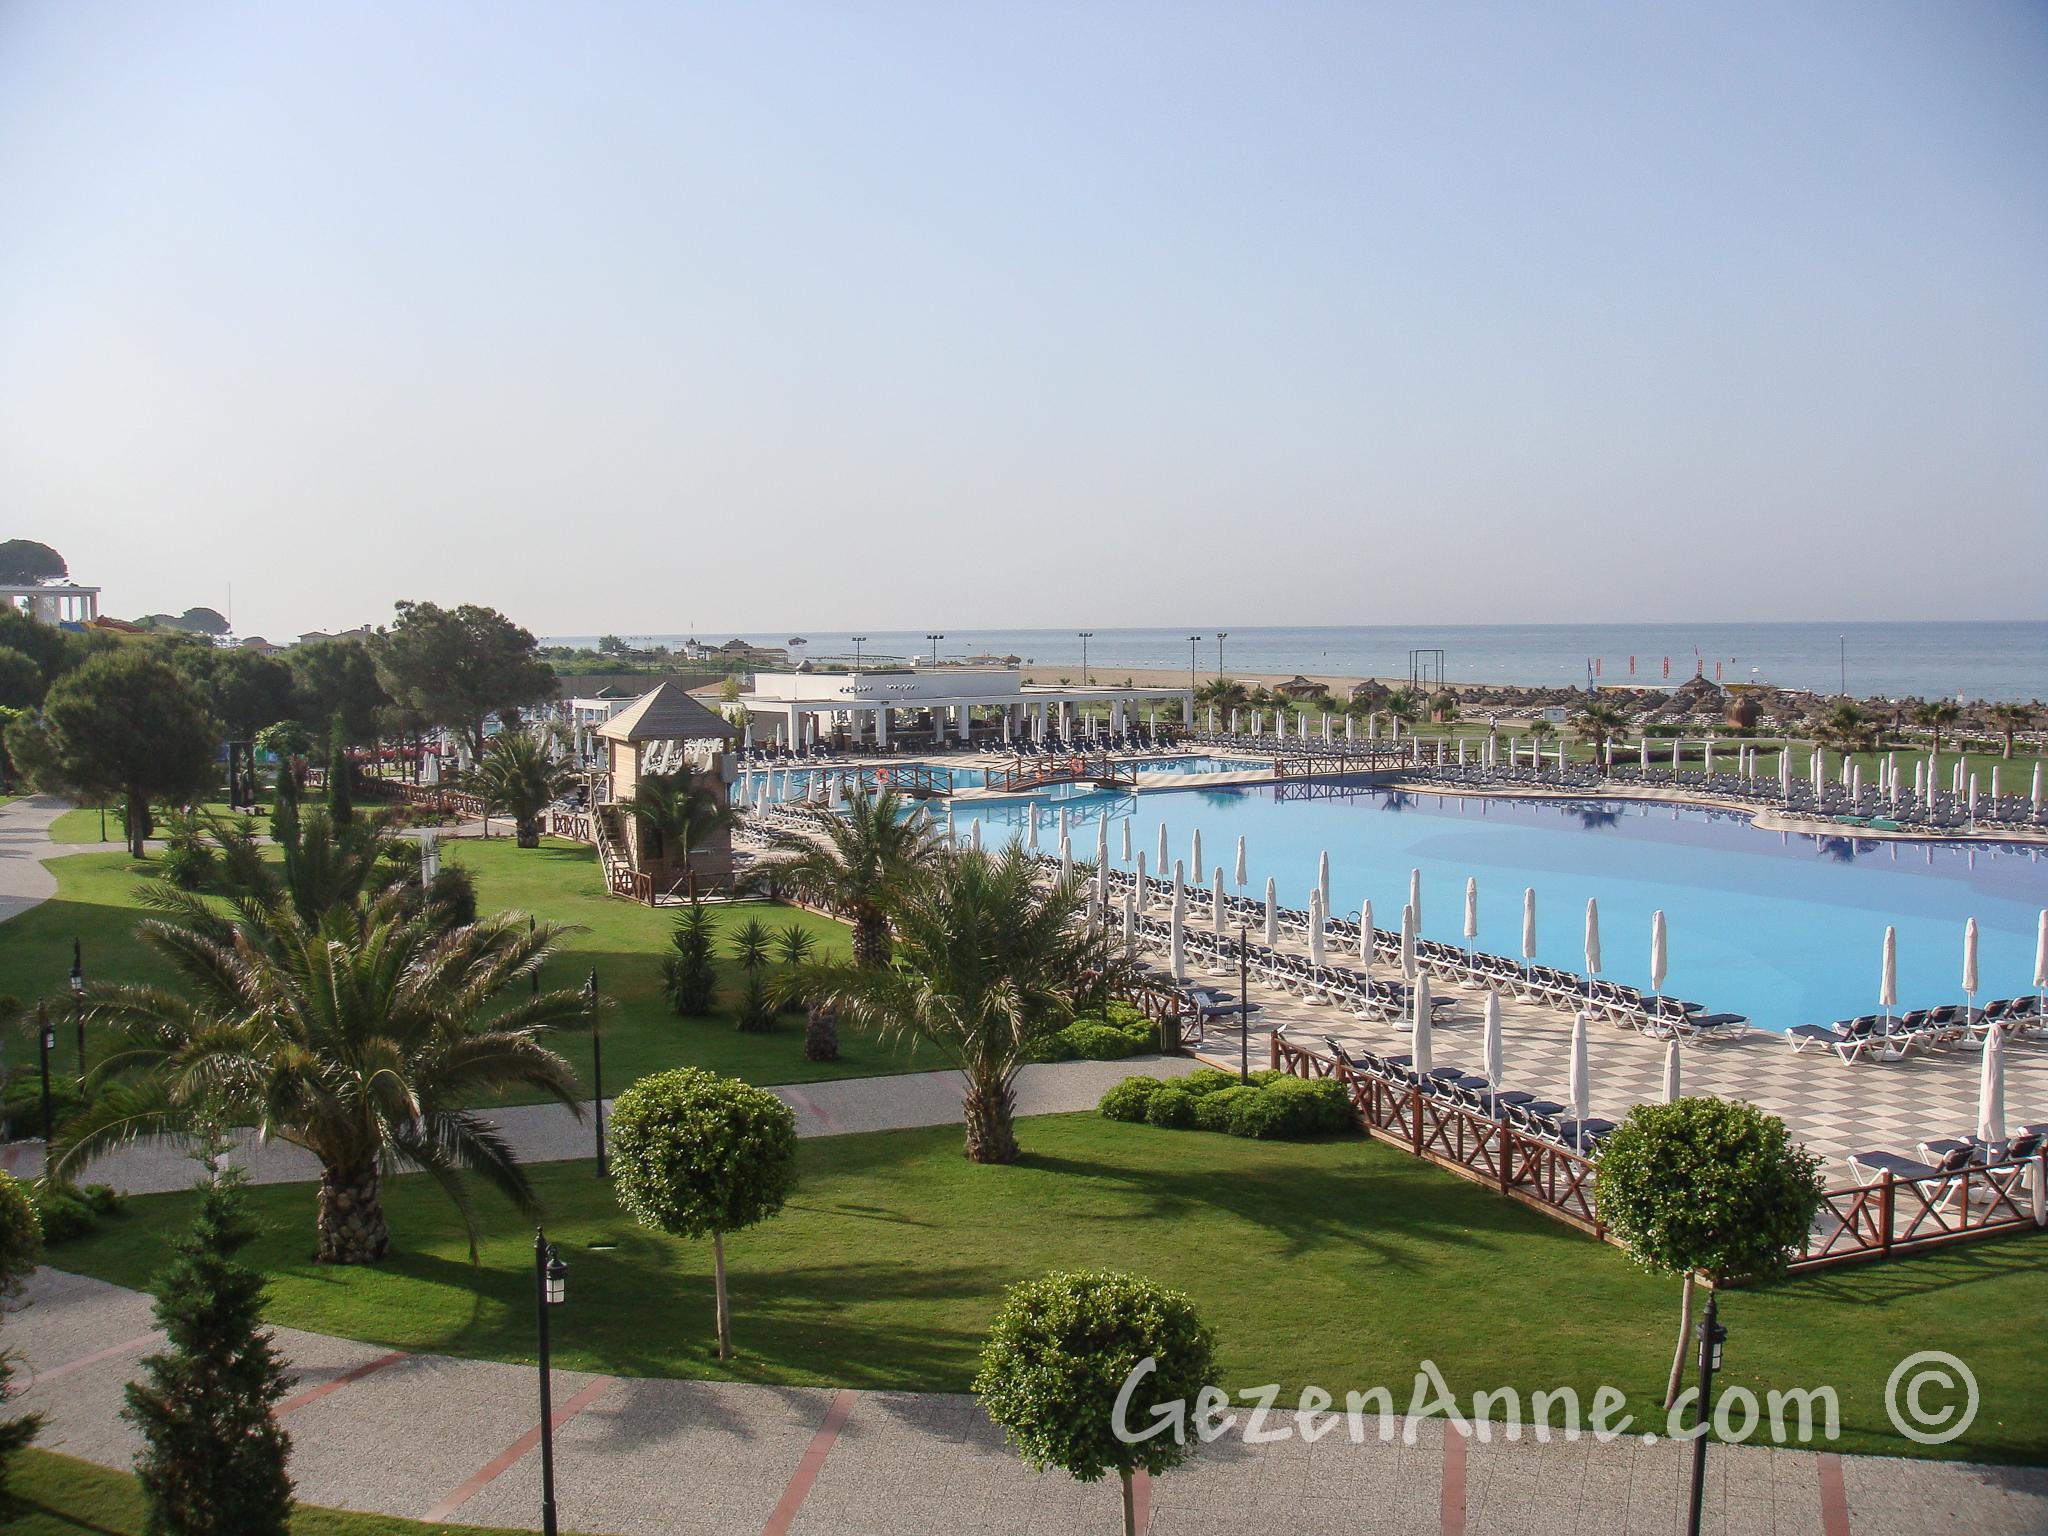 Voyage Belek havuzu ve denizi, Antalya